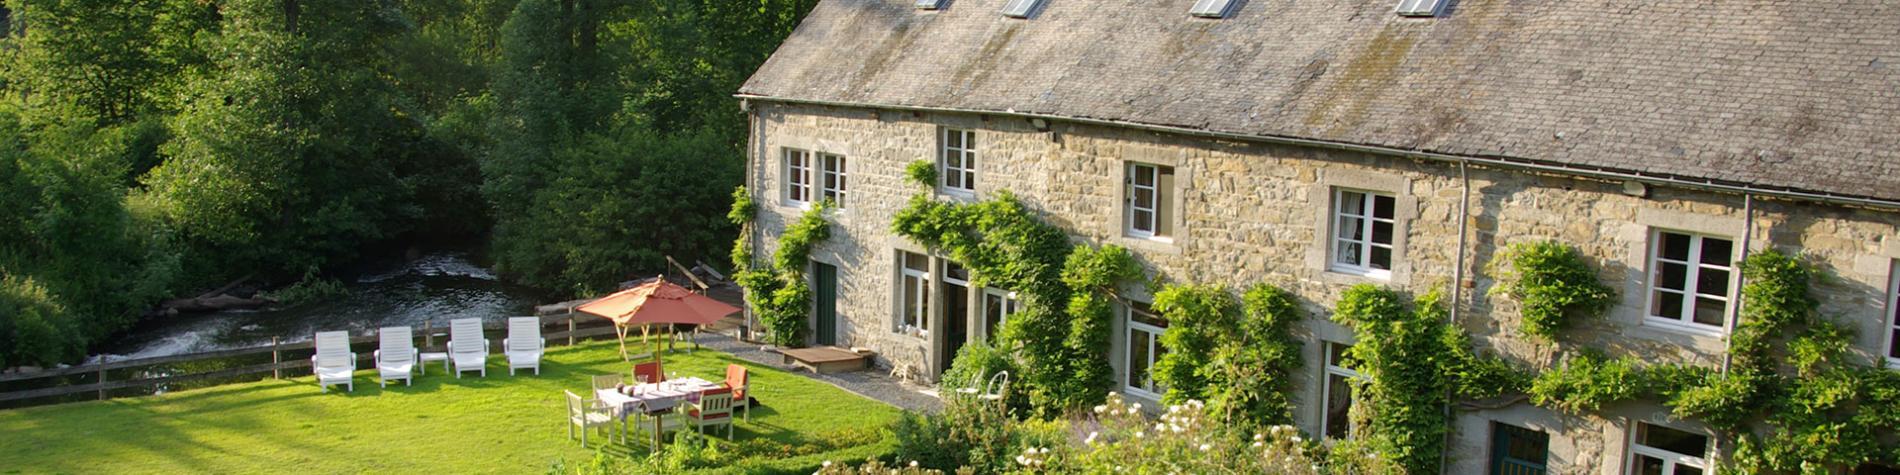 Le Moulin de Resteigne - Chambres d'hôtes - Wallonie Terre d'Eau